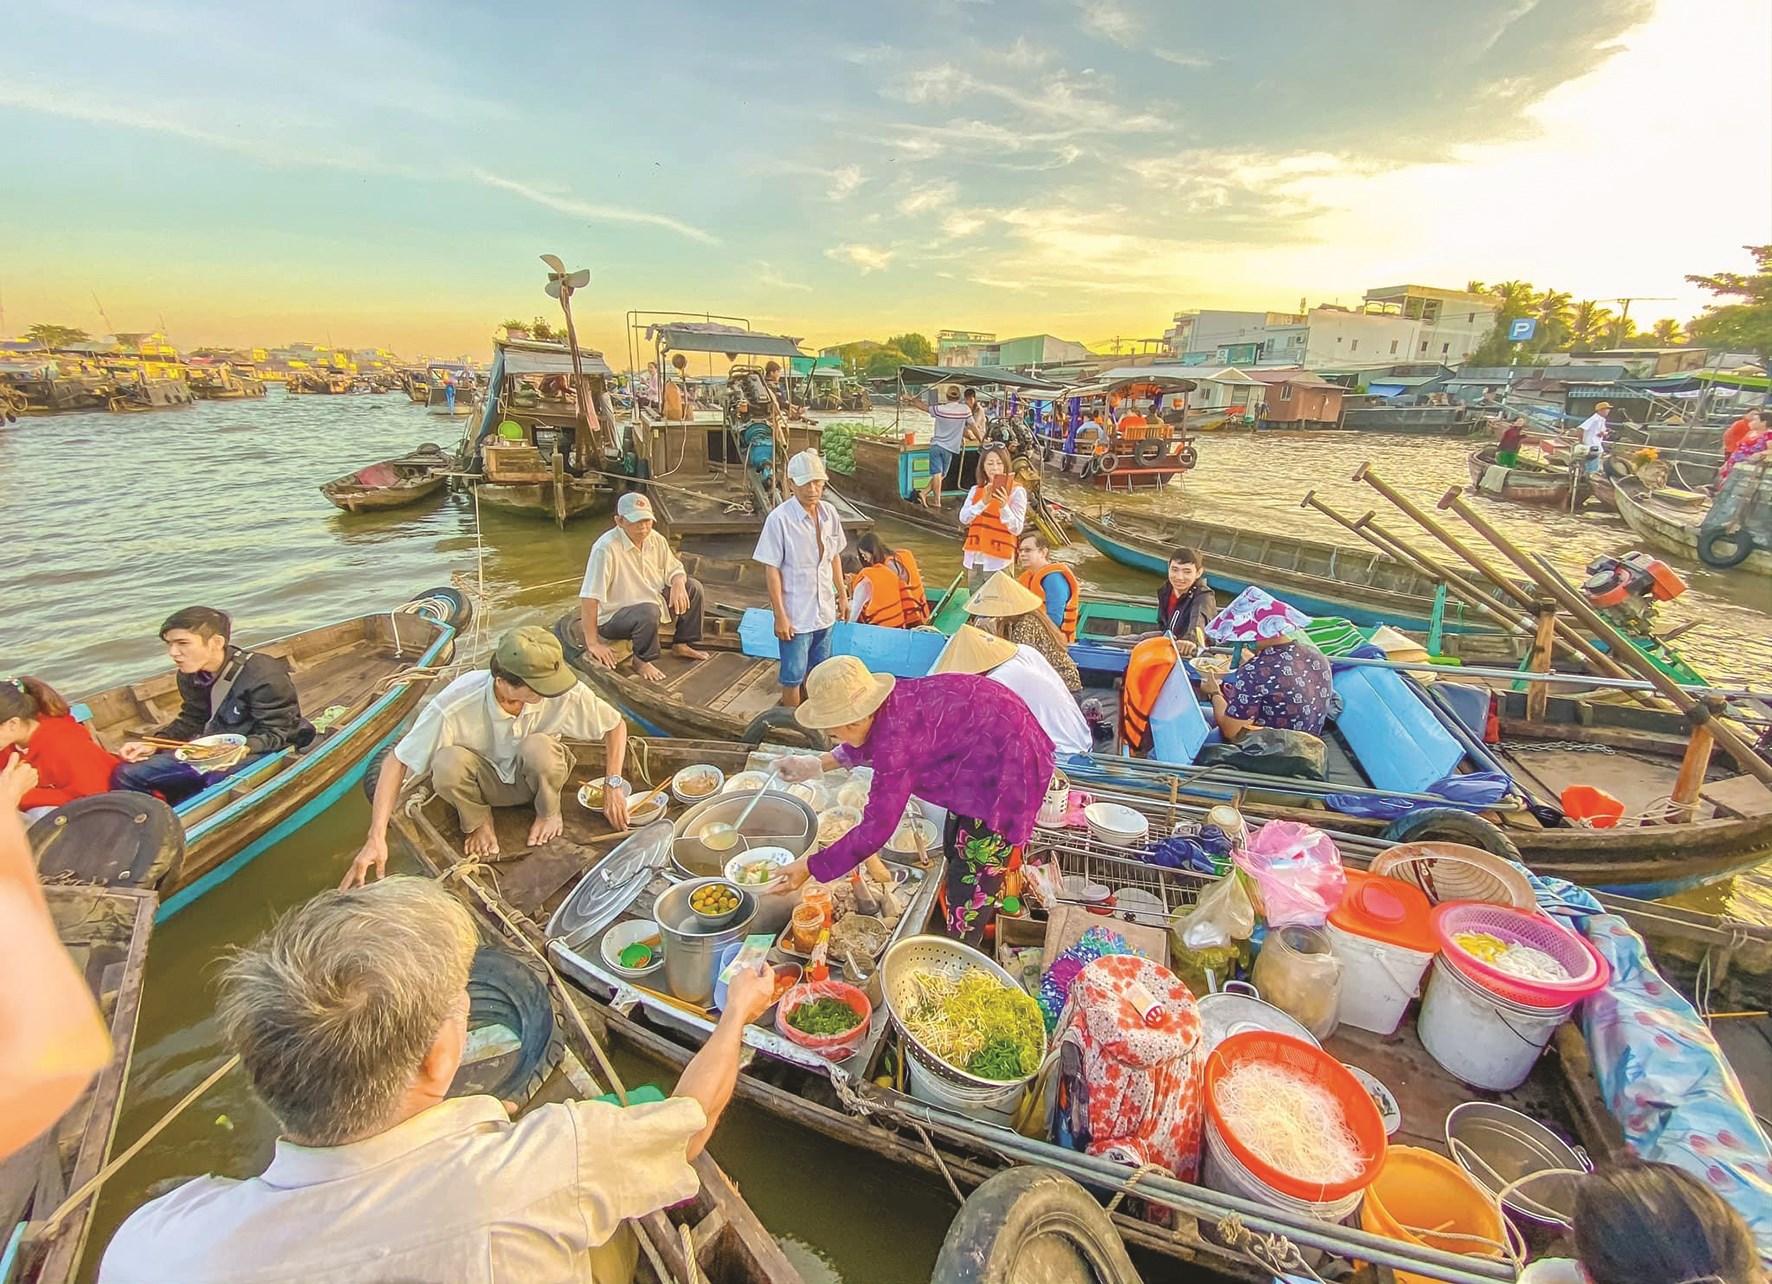 Chợ nổi Cái Răng (TP. Cần Thơ) là một trong những điểm thu hút khách du lịch